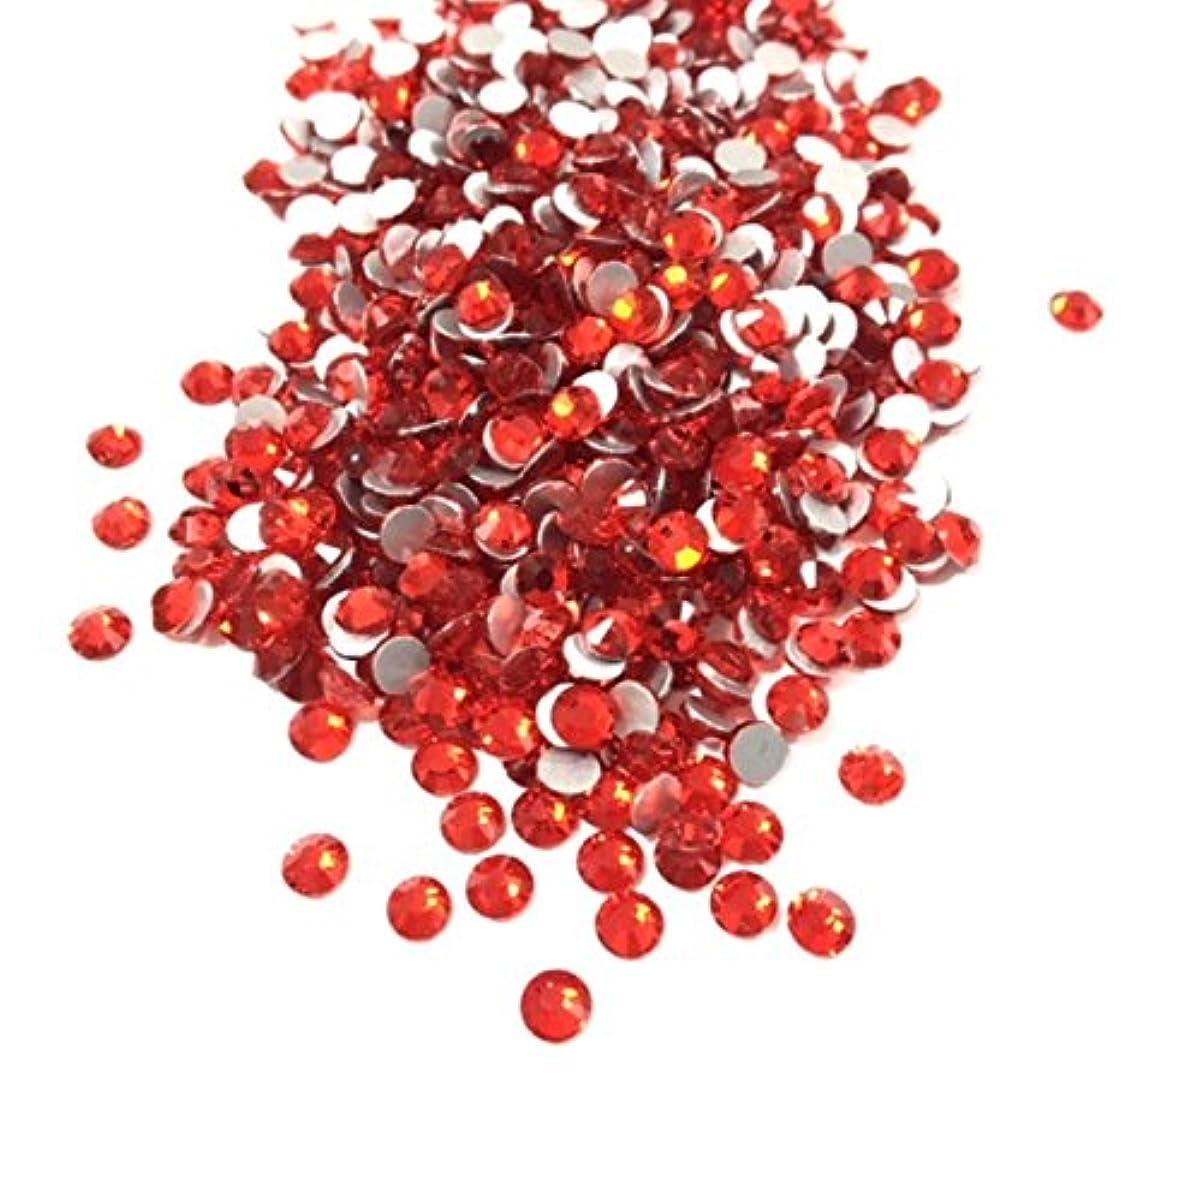 カーフ降伏不健康【ネイルウーマン】最高品質ガラスストーン!スワロ同等の輝き! ライトシャム レッド 赤 (約100粒入り) (SS5, ライトシャム)